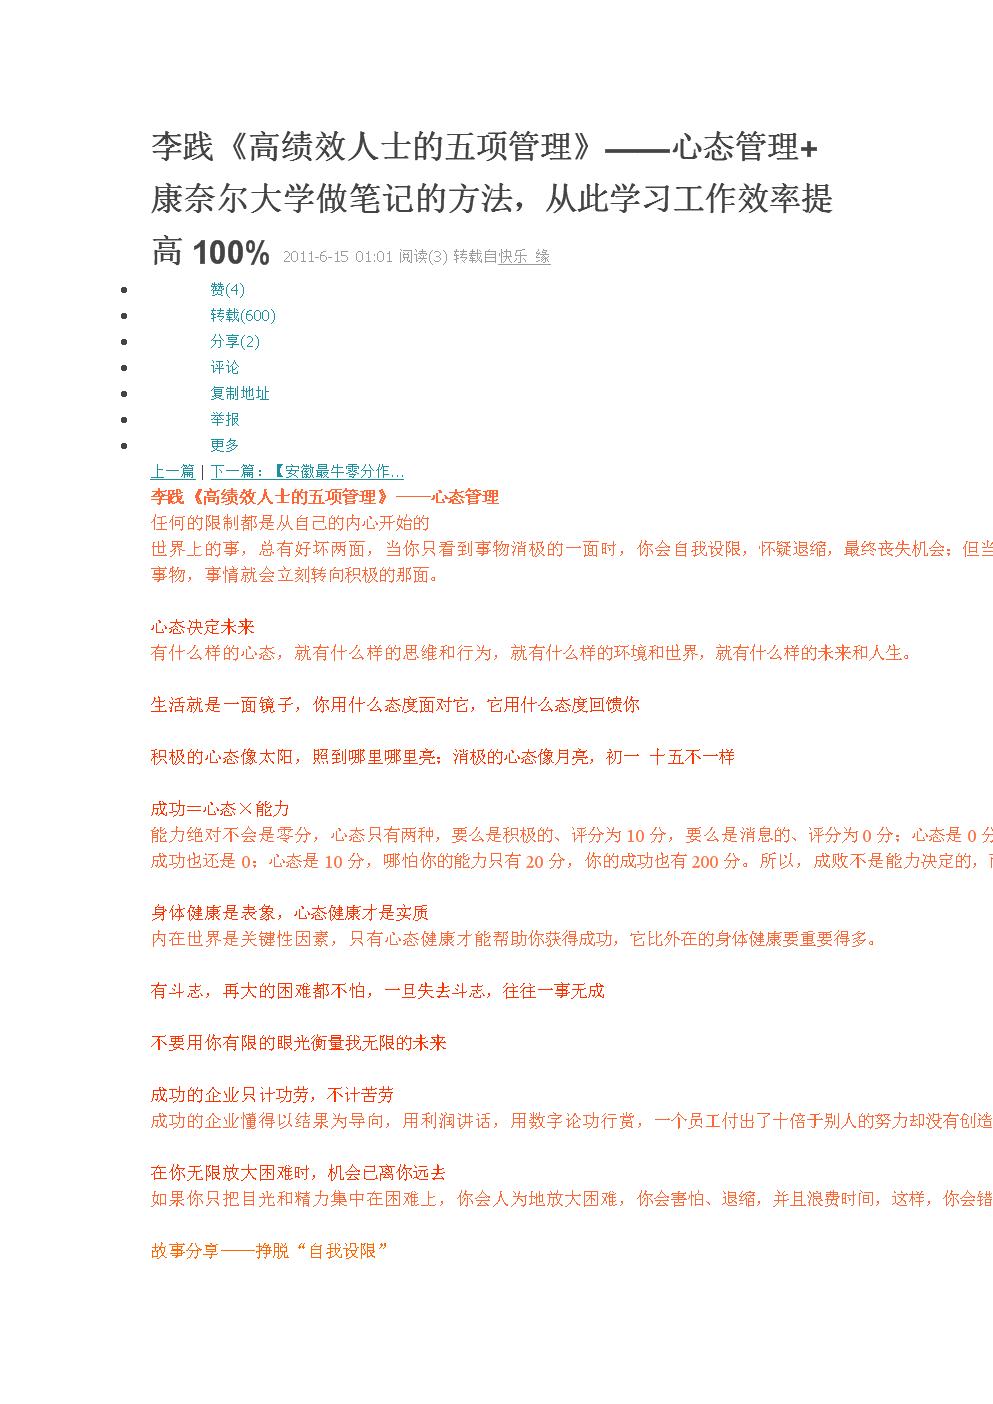 李践-高绩效士五项管理-心态管理.doc